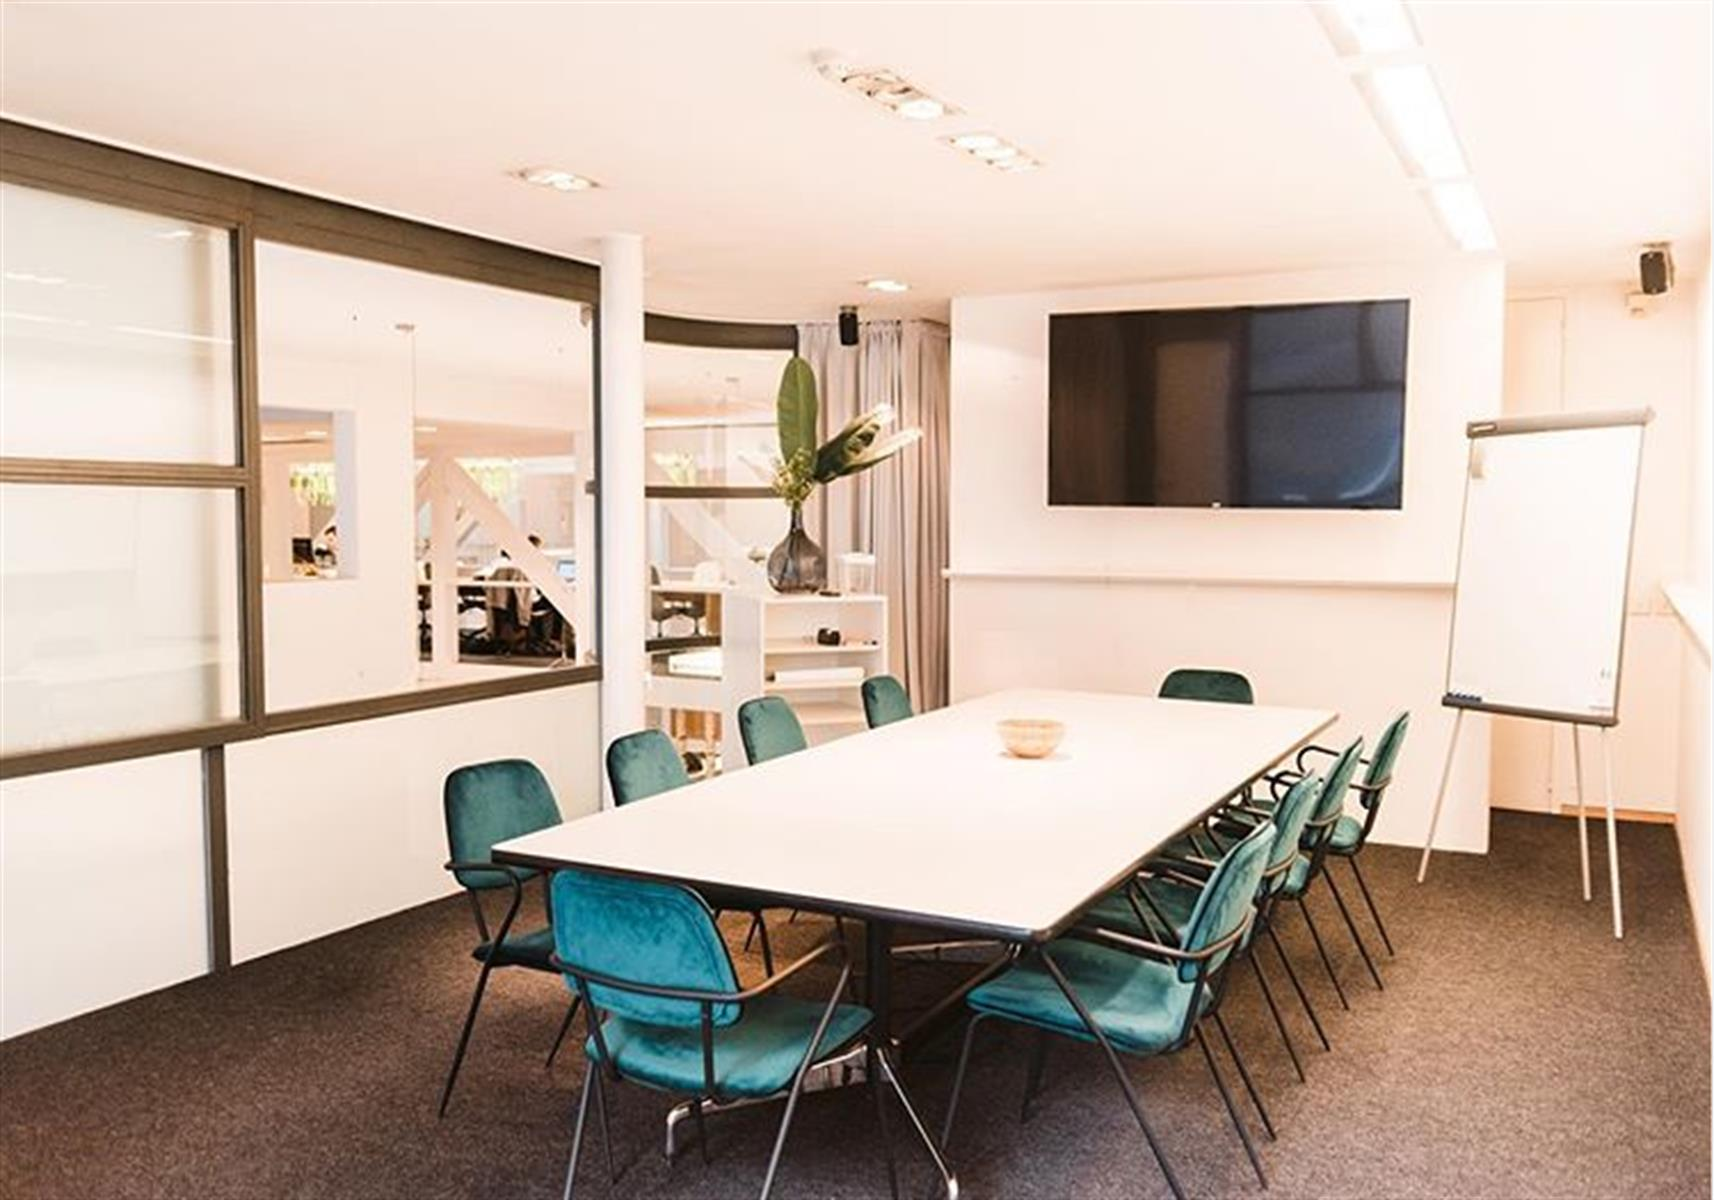 kantoor te huur Flexy - IJzerenpoortkaai 3, 2000 Antwerpen, België 3